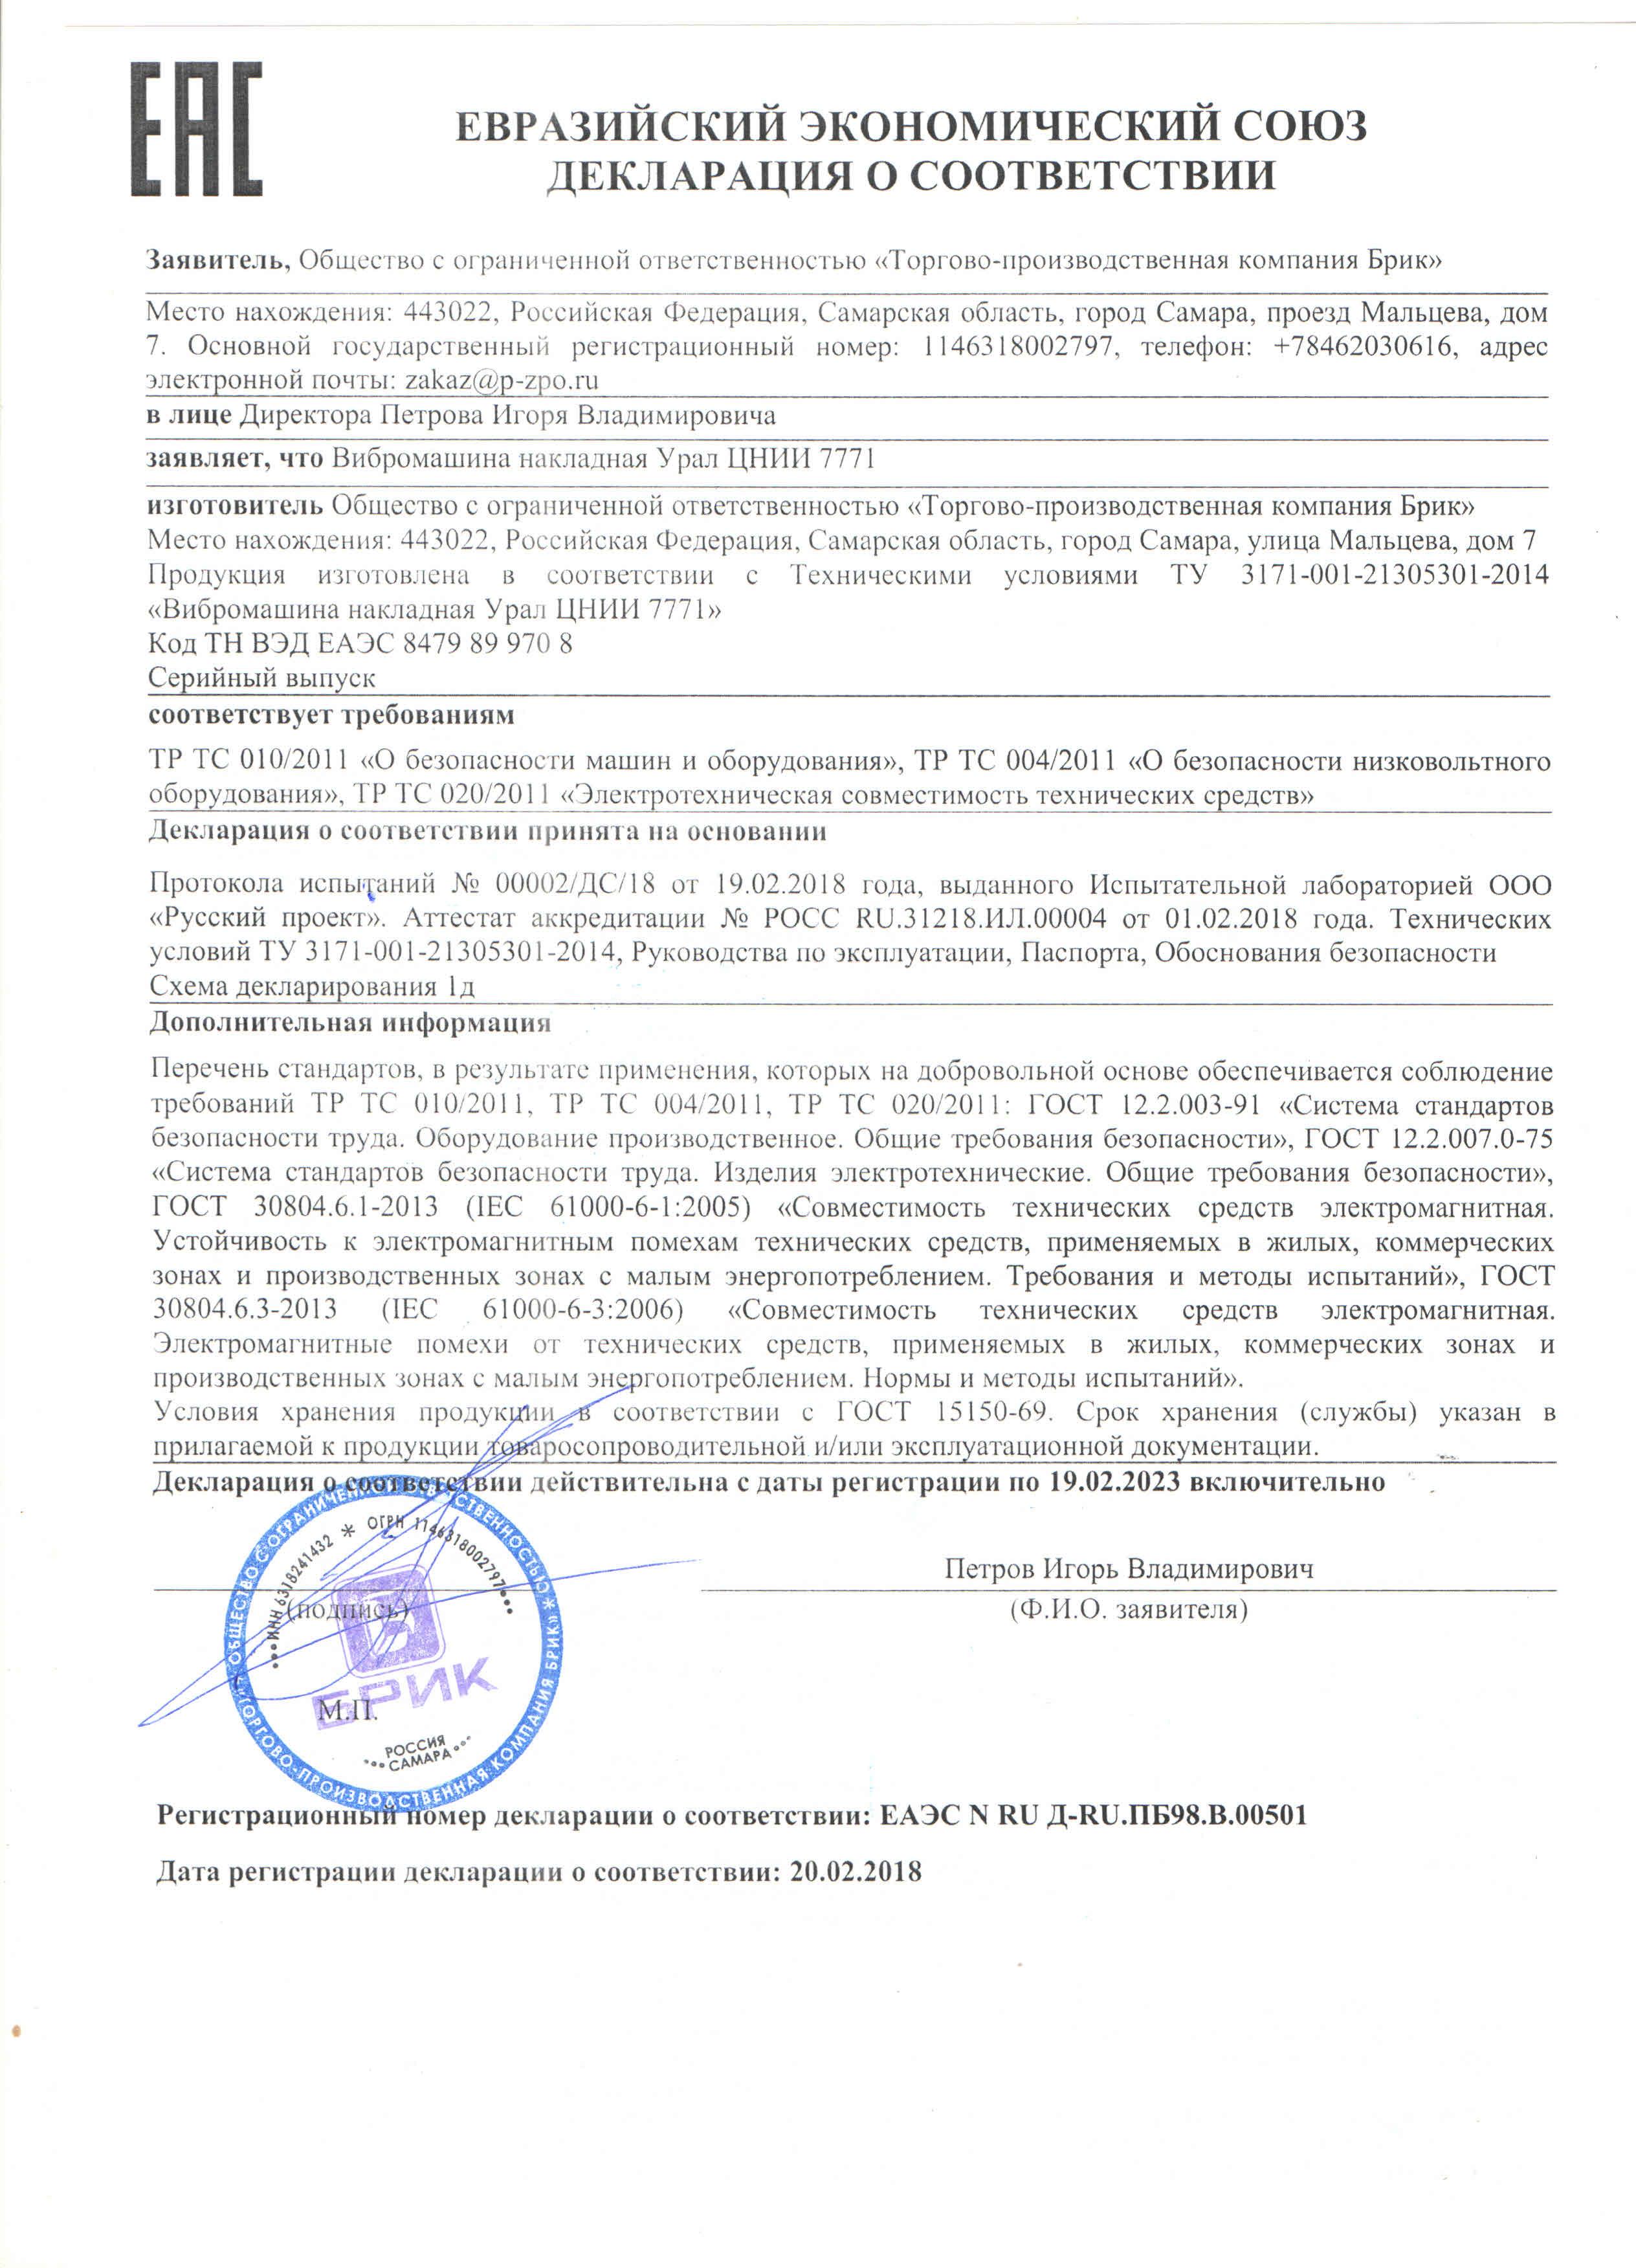 ДС-Вибромашина-накладная-Урал-ЦНИИ-7771